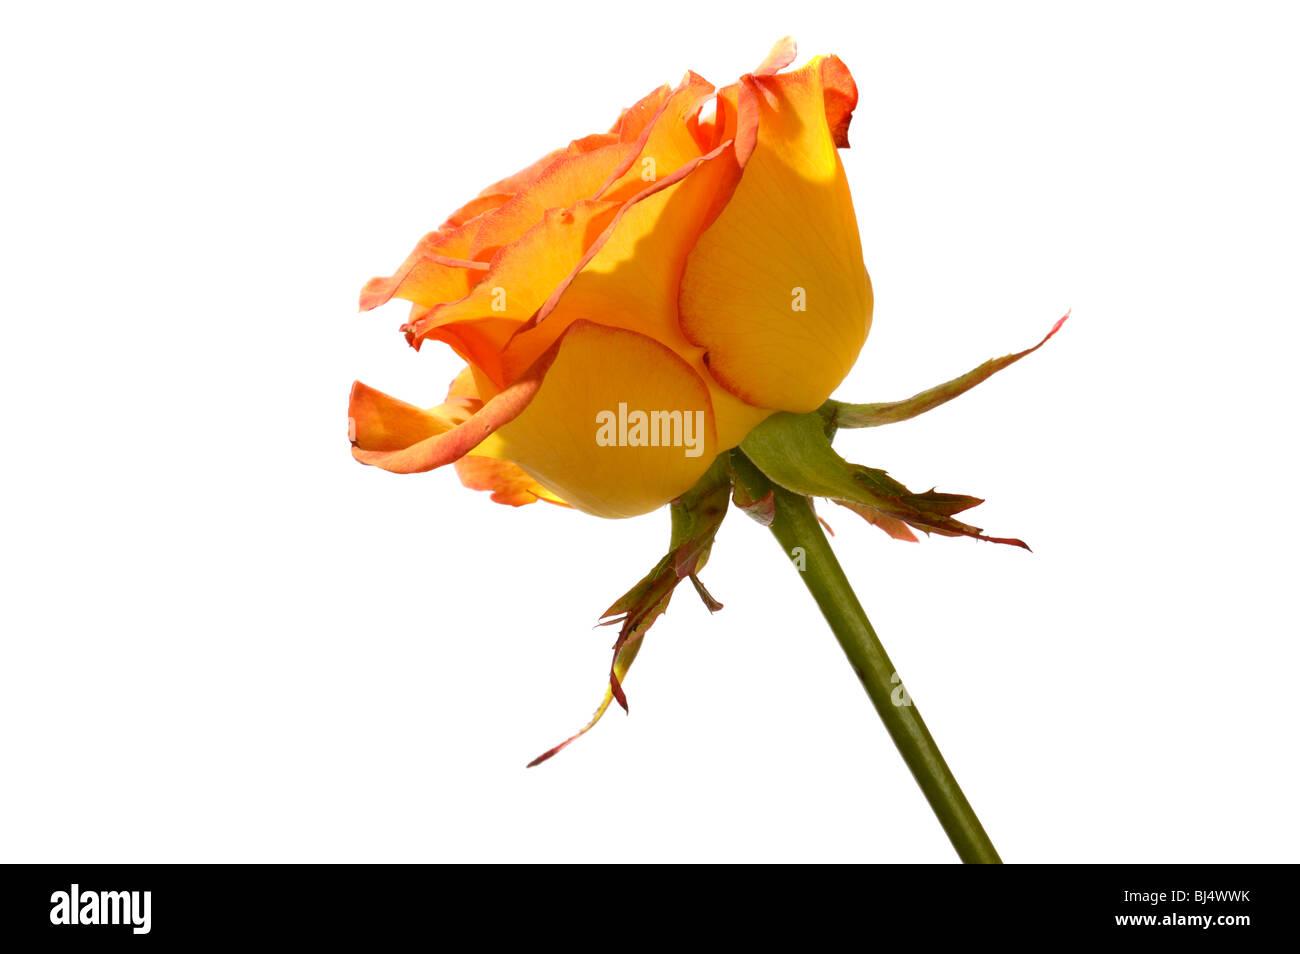 Rose Orange gros plan vue côté silhouette isolé sur fond blanc Photo Stock